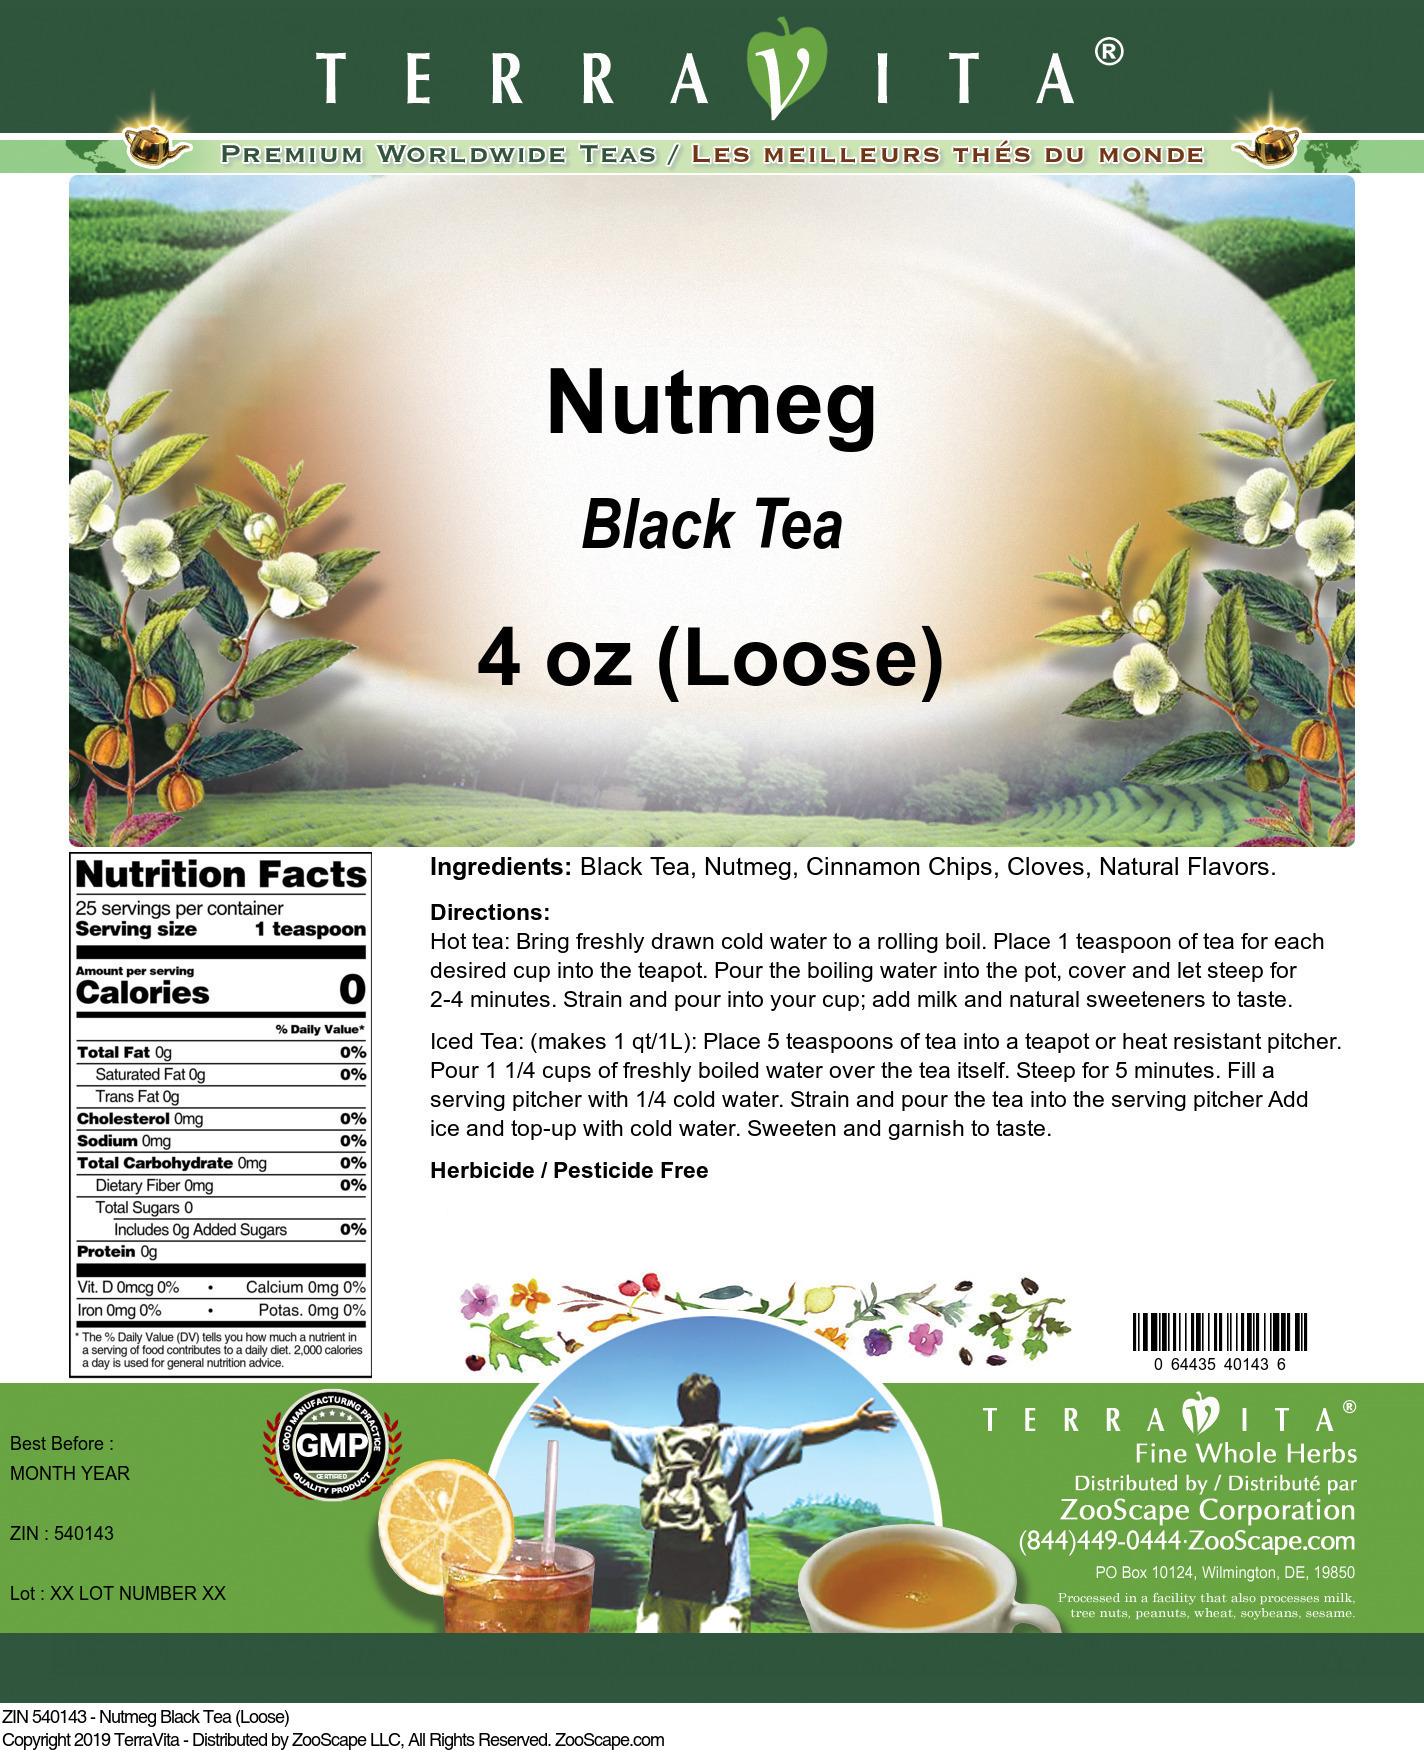 Nutmeg Black Tea